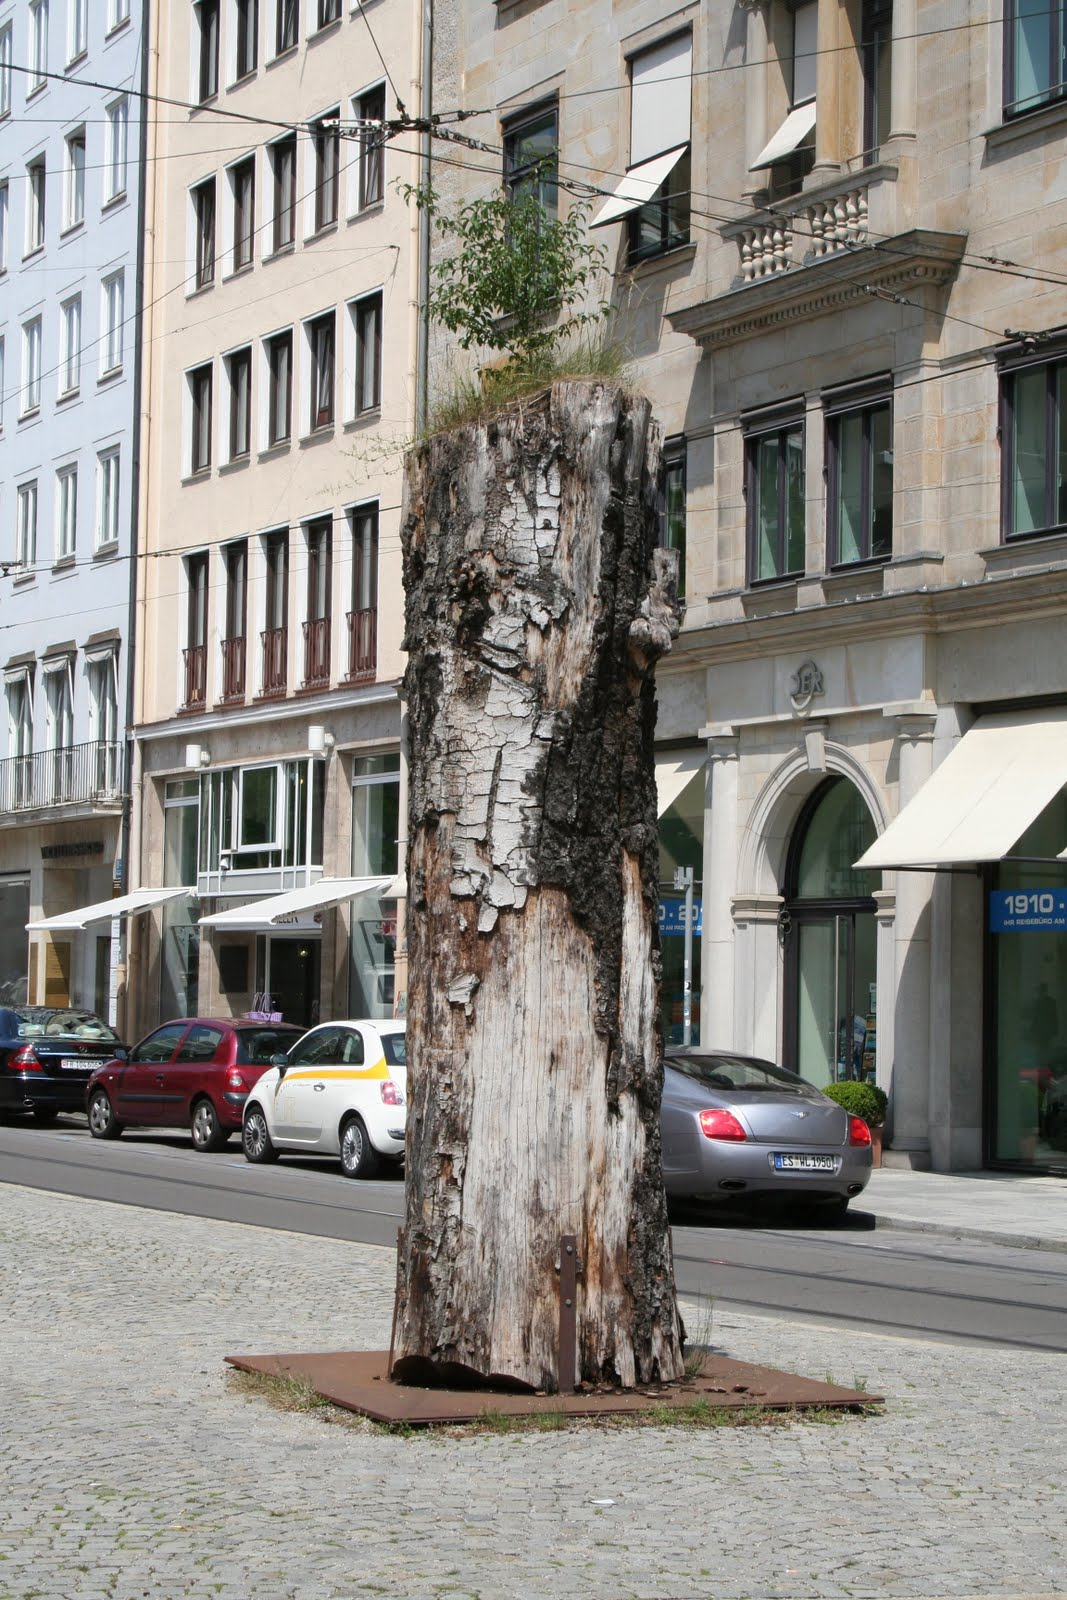 Gonzopr Marvelous Munich 6 13 7 2 Denouement